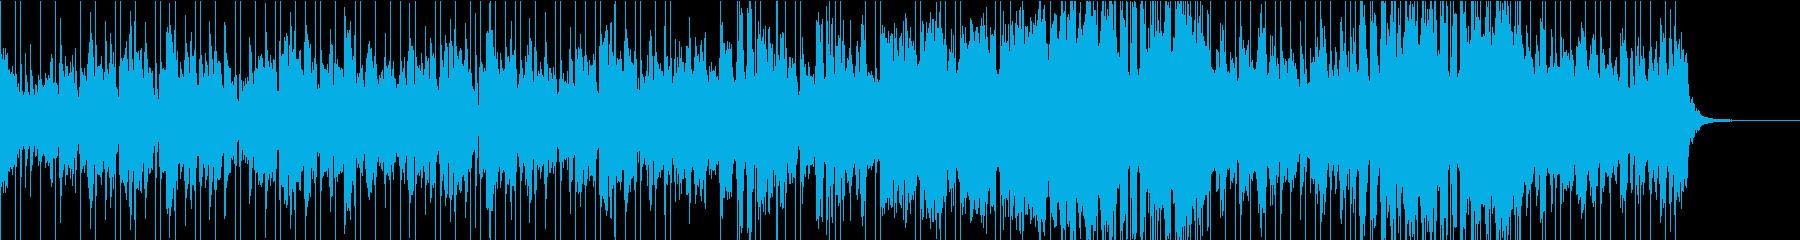 口笛とストリングスのほのぼのポップスの再生済みの波形